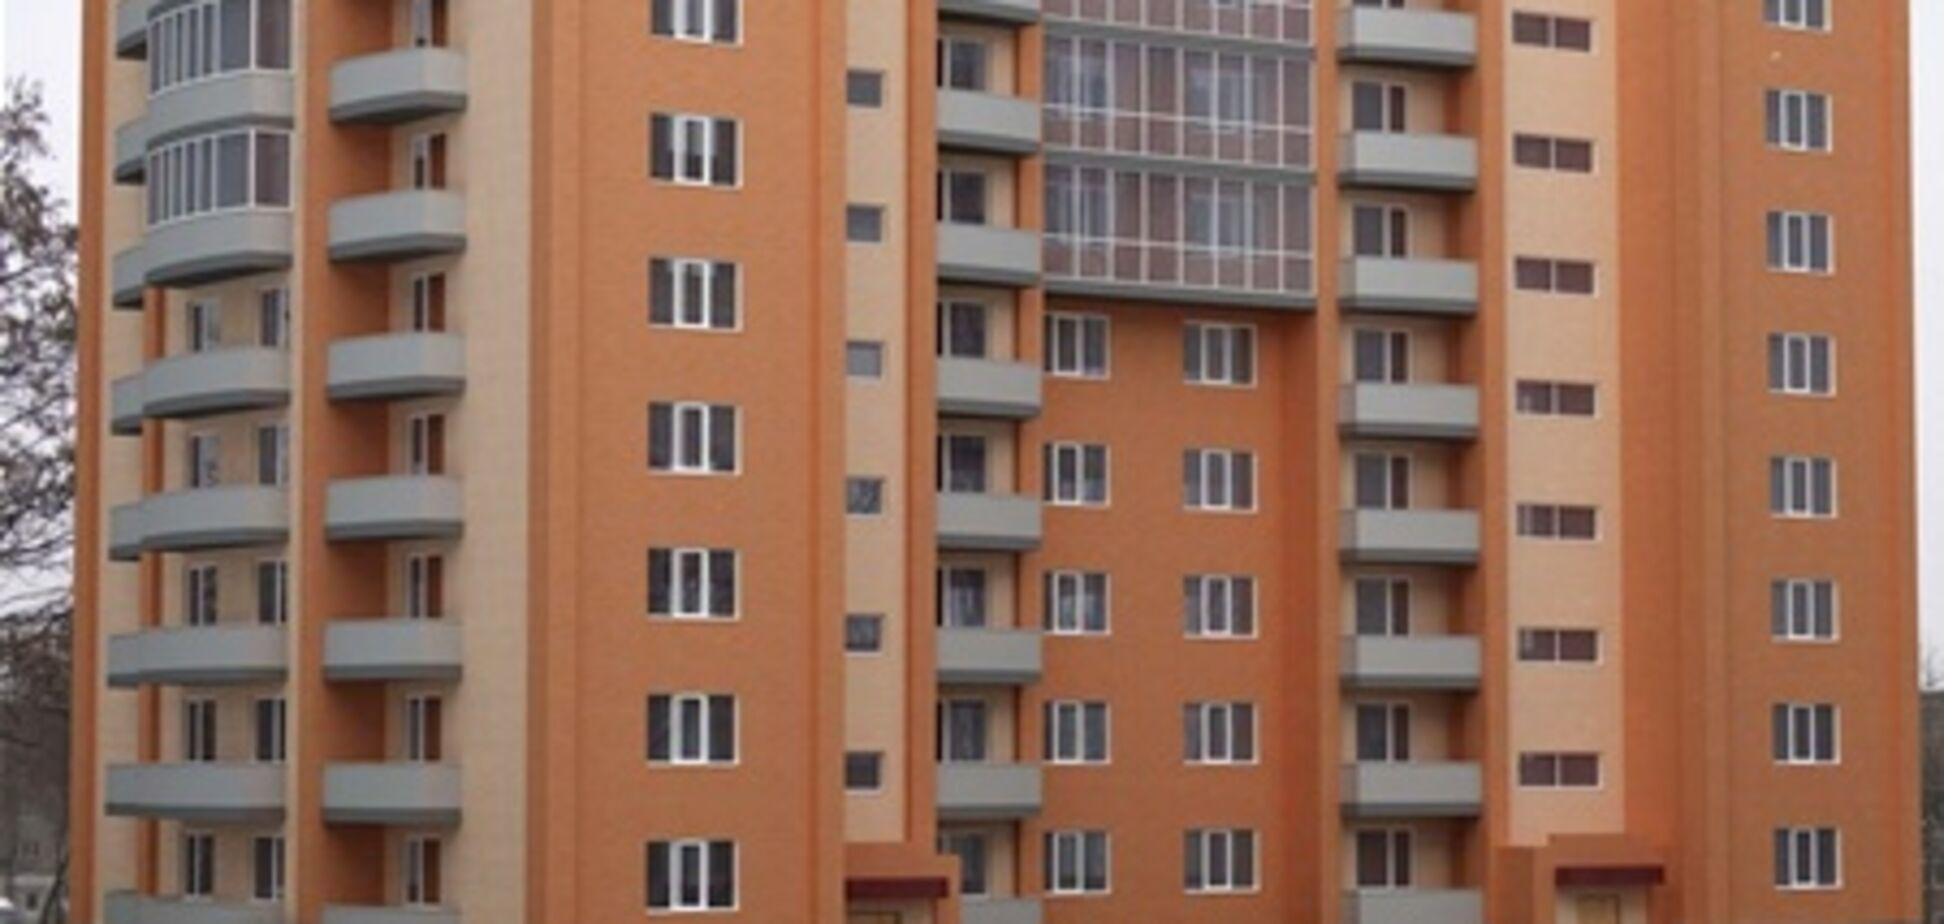 Сколько будут стоить квартиры в новостройках в новом году?